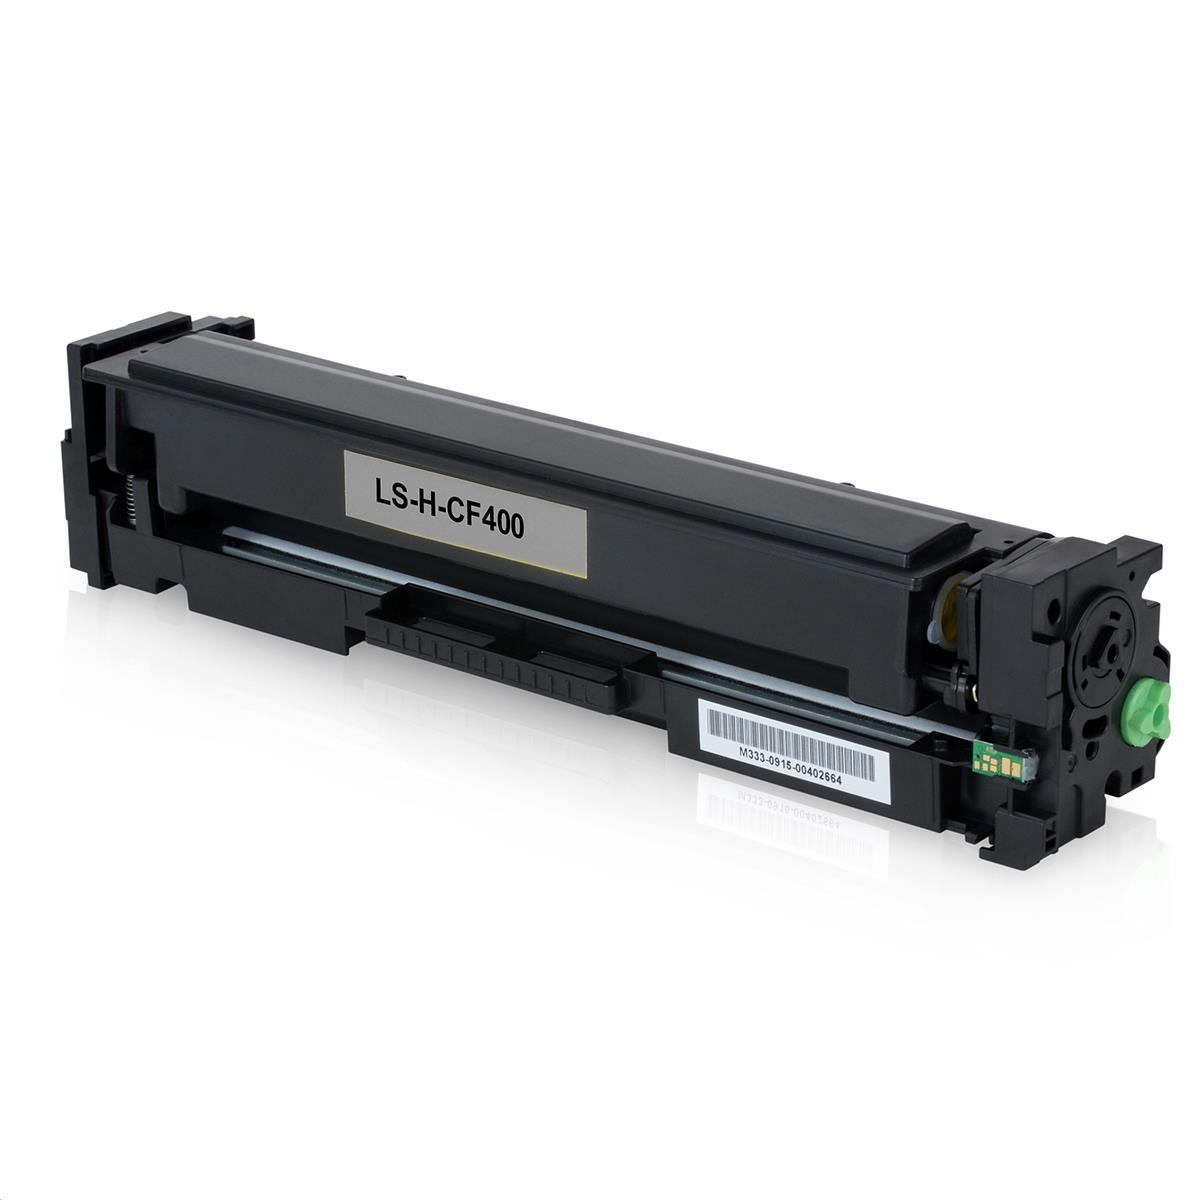 Toner HP CF400A 201A Preto Compatível | M252DW M277DW M252 M277 | Importado